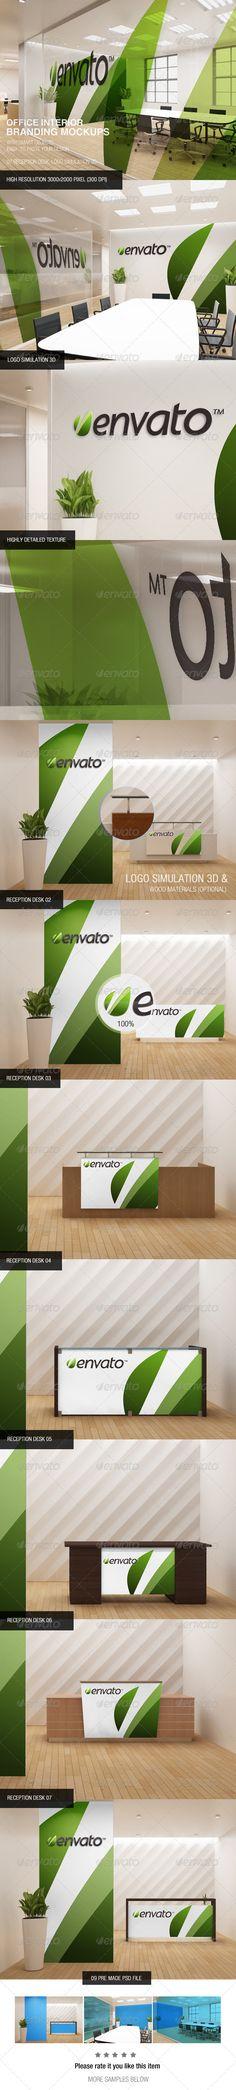 Office Interior Branding Mockups PresentationInterior Design LogosRetro